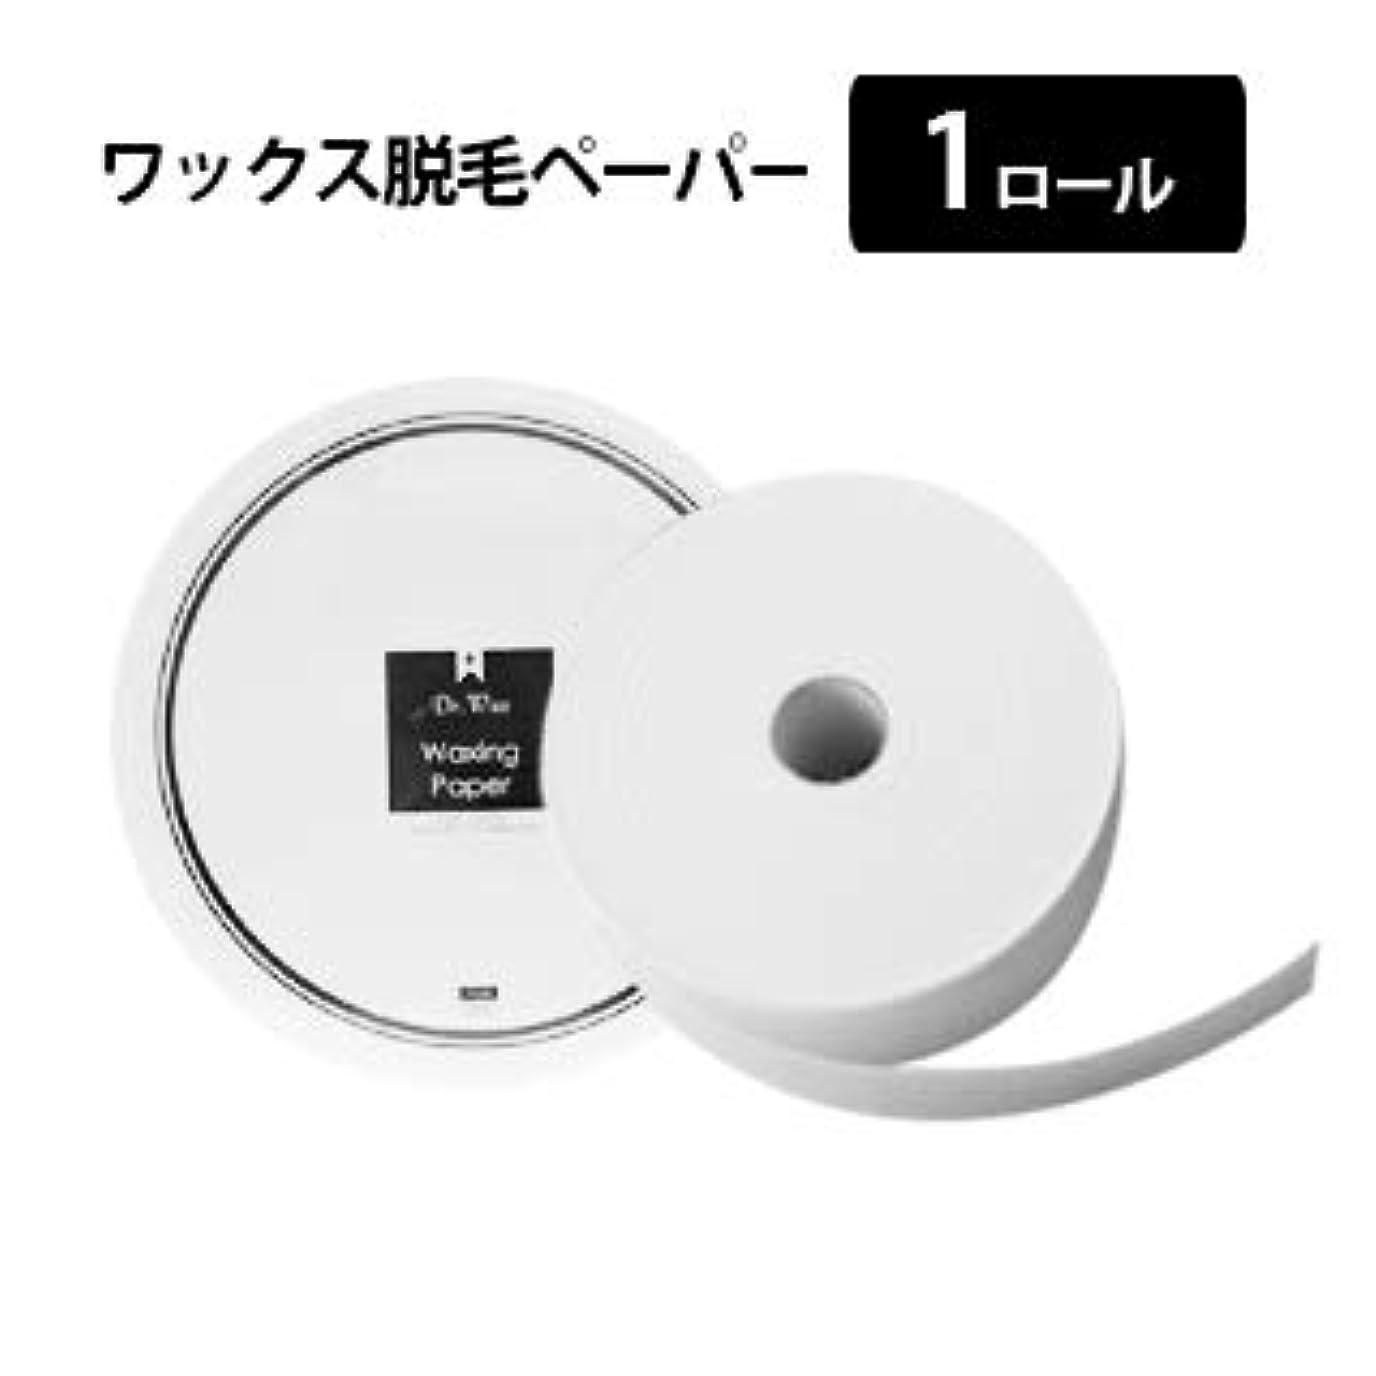 メッシュ悲惨疼痛【1ロール】ワックスロールペーパー 7cm スパンレース素材